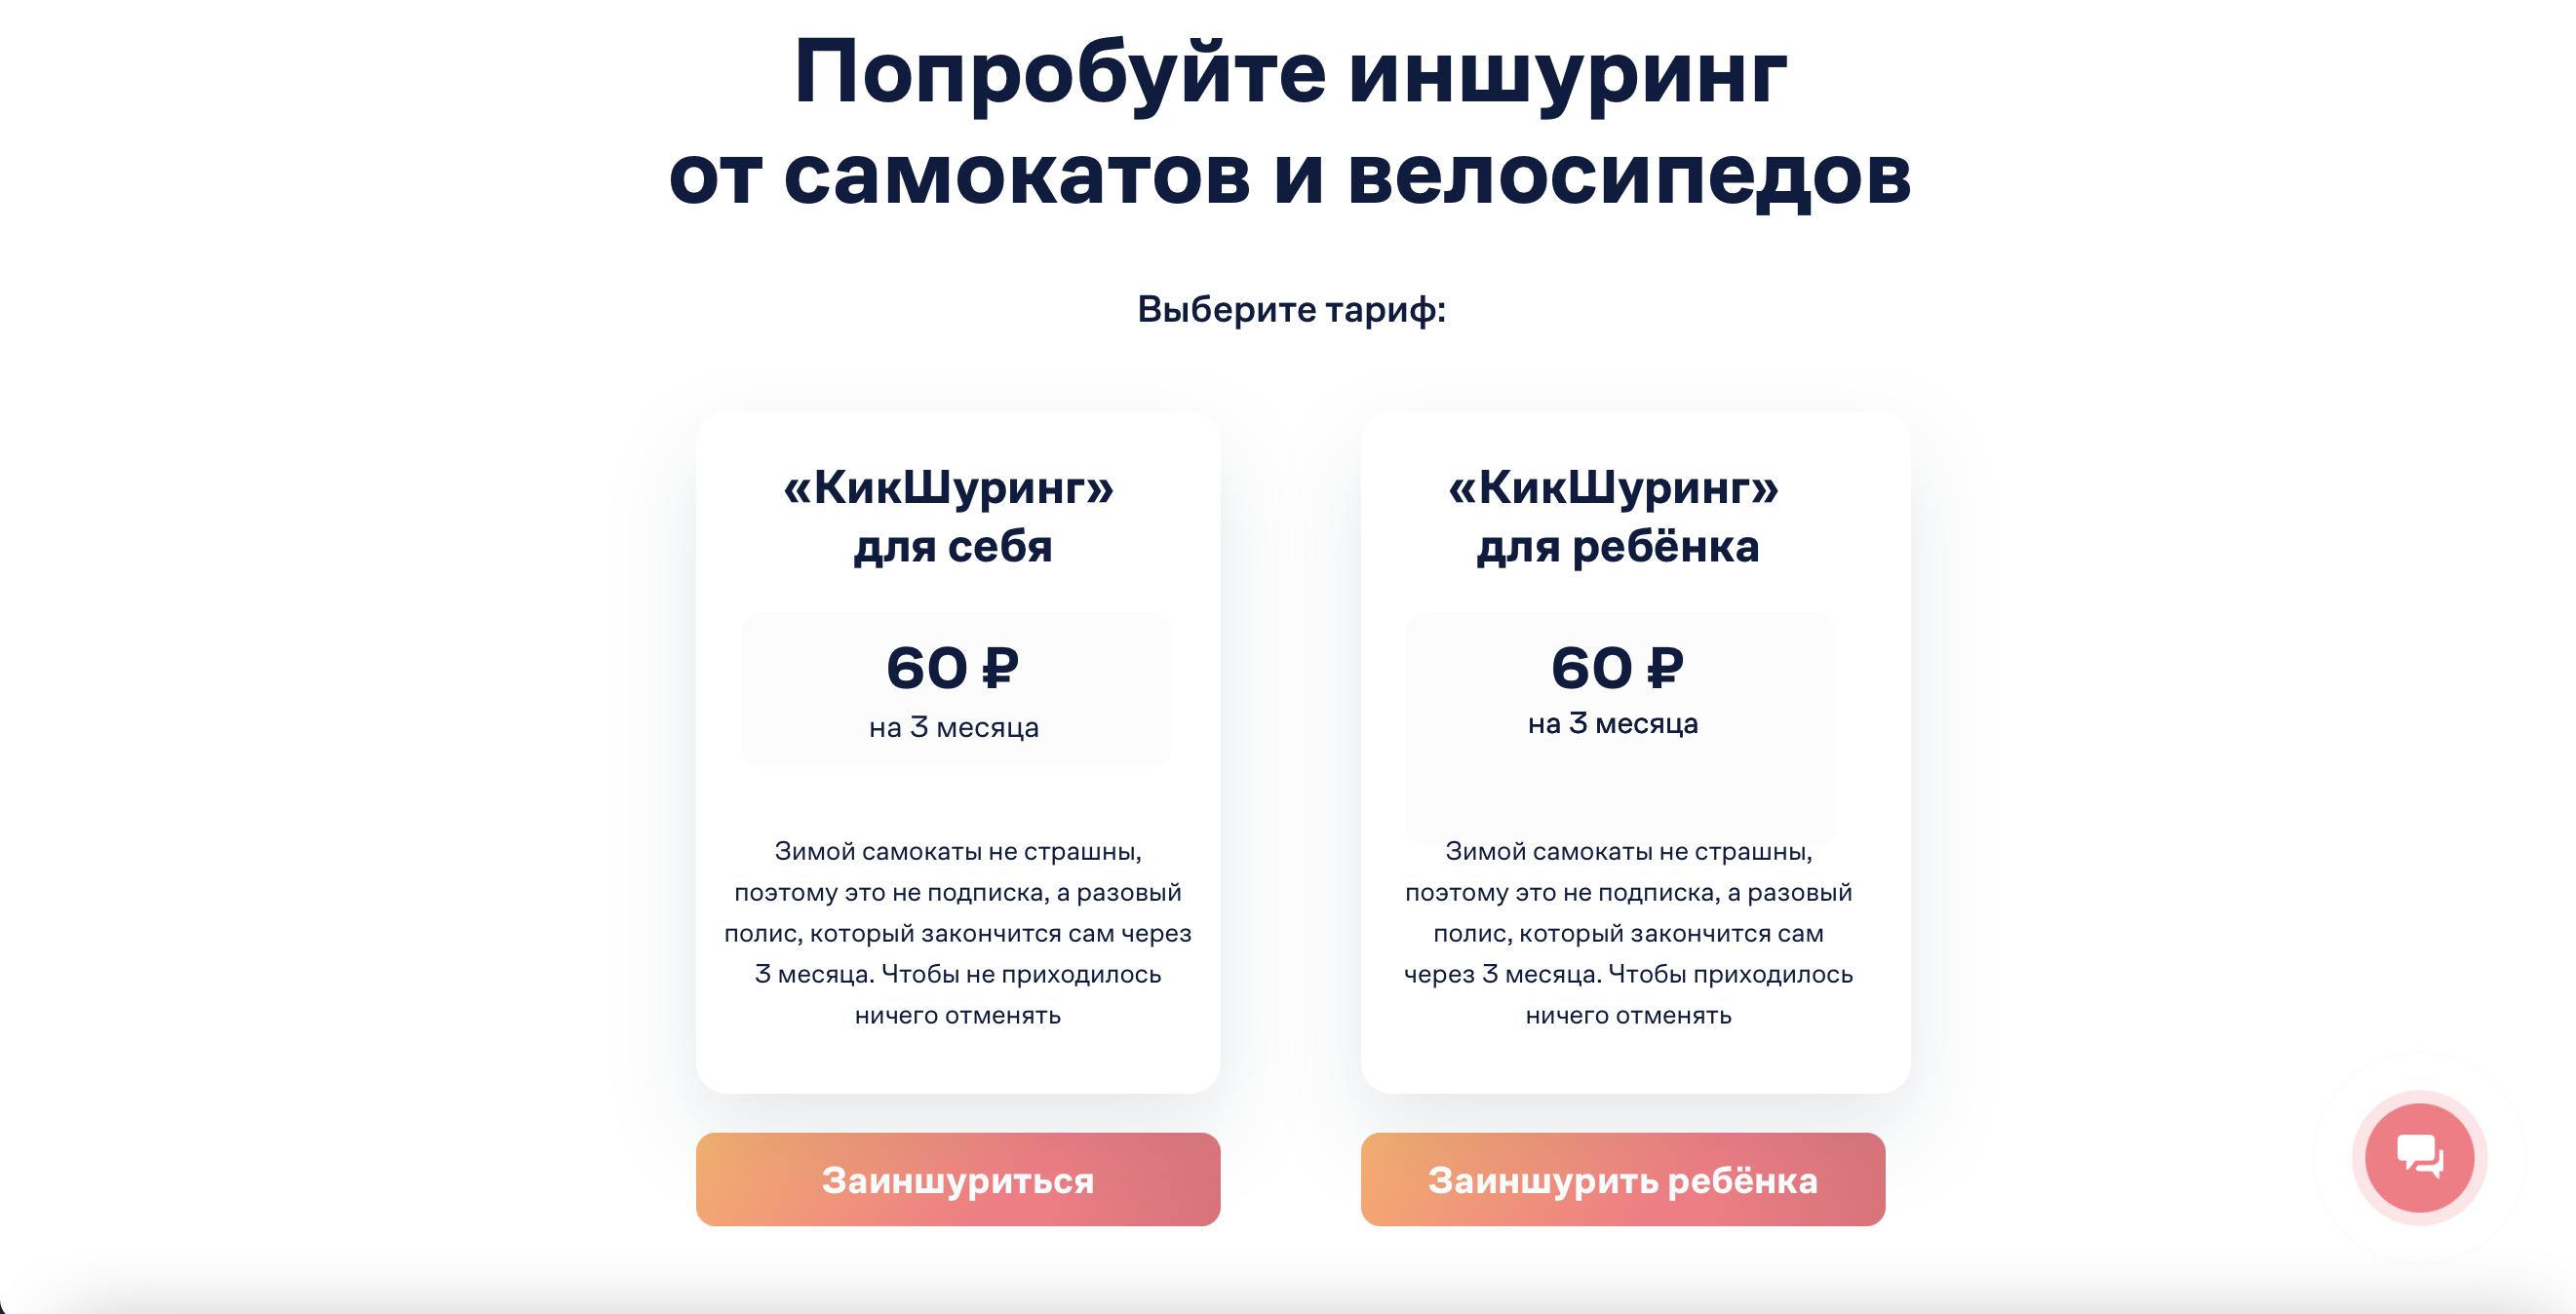 Предложение действует с июля по конец сентября 2021 года. Стоимость полиса — 60 рублей за три месяца. Иншуринг подразумевает выплаты до 2 млн рублей в результате несчастного случая при столкновении с двухколесным транспортом.